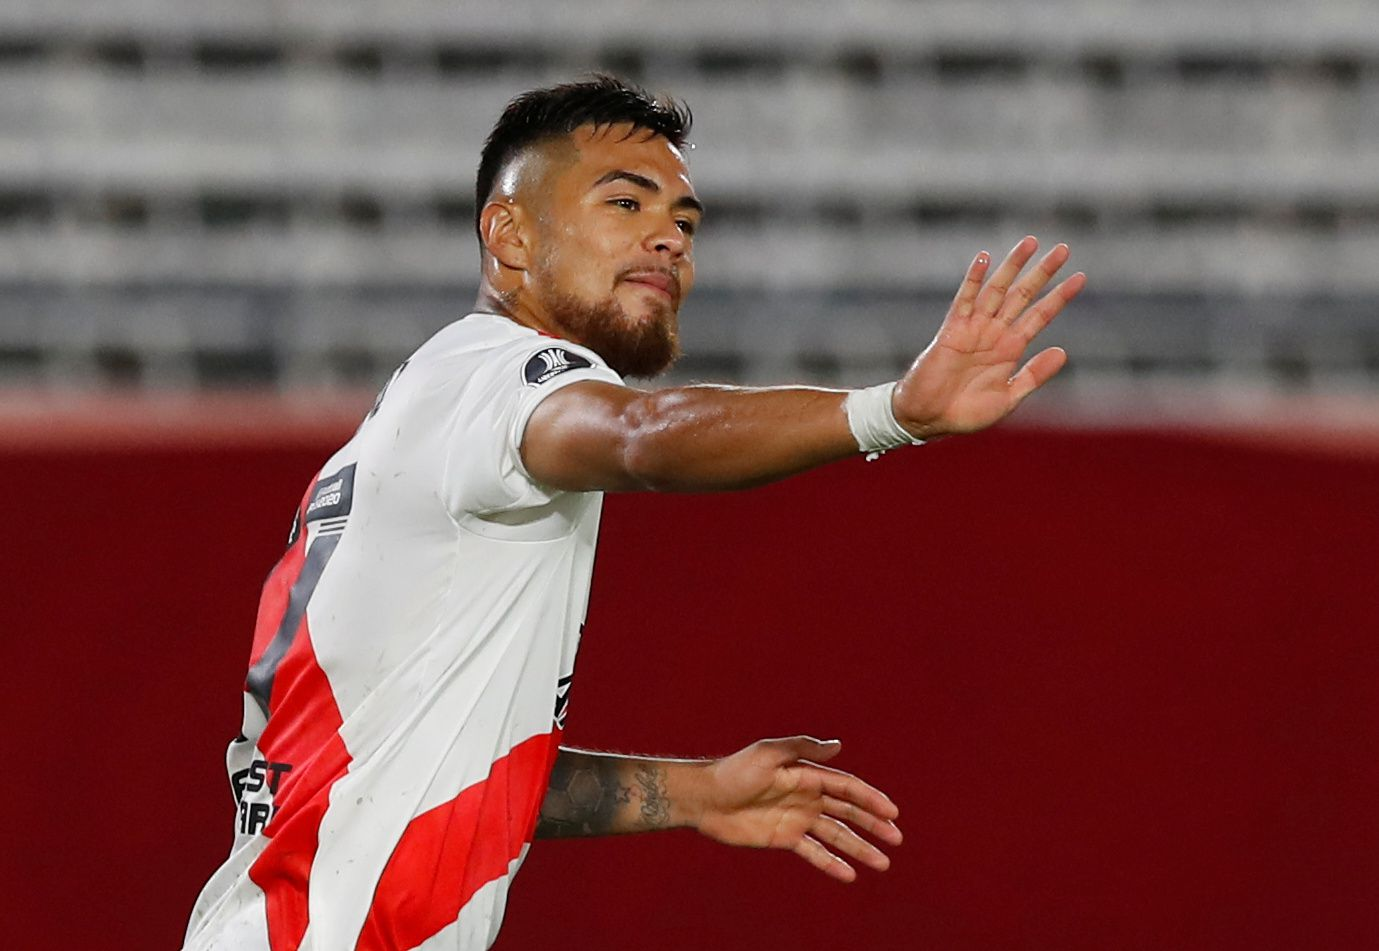 Paulo Díaz sufrió una distensión muscular en gemelo derecho. REUTERS/Agustin Marcarian